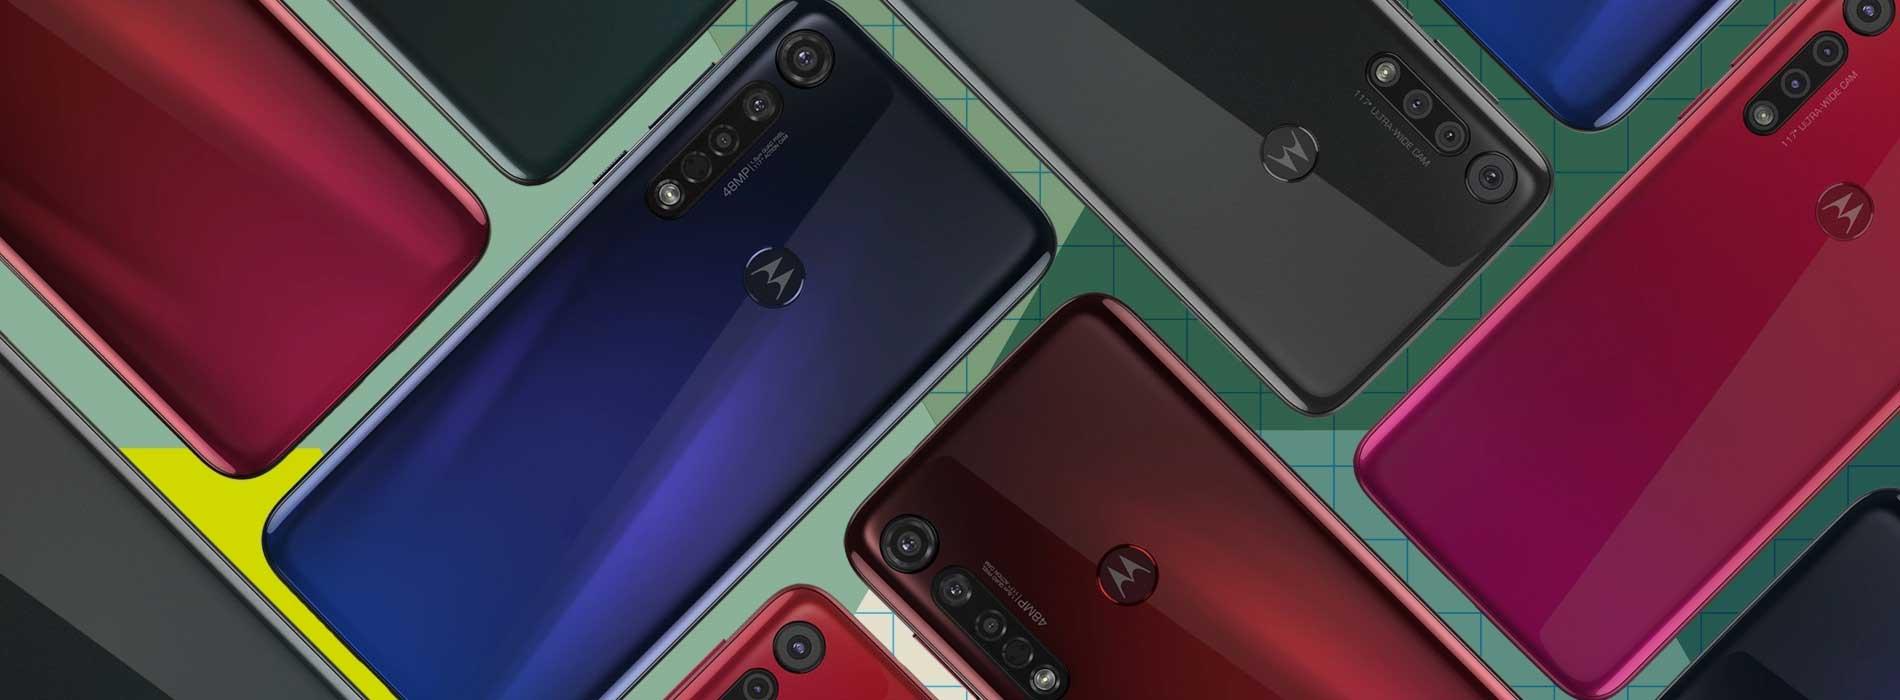 Análise Moto G8 Plus: o bom aparelho da Motorola que já foi melhor